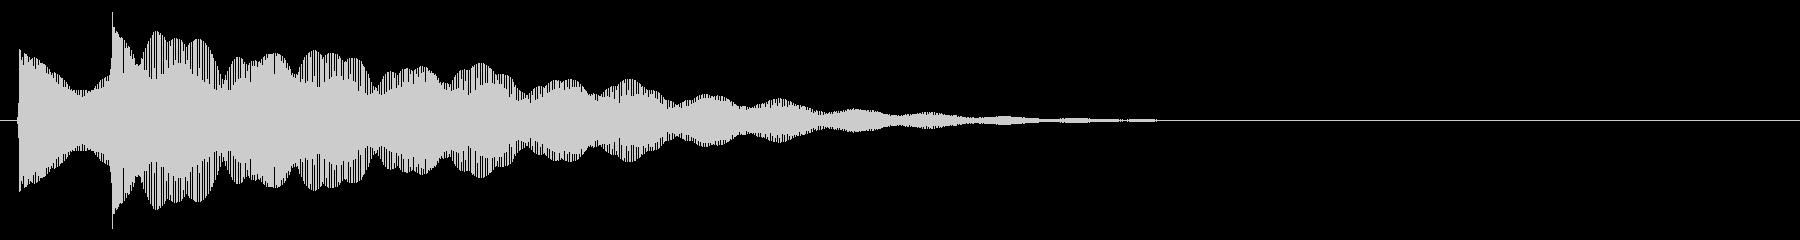 マレット系 決定音02(小)の未再生の波形